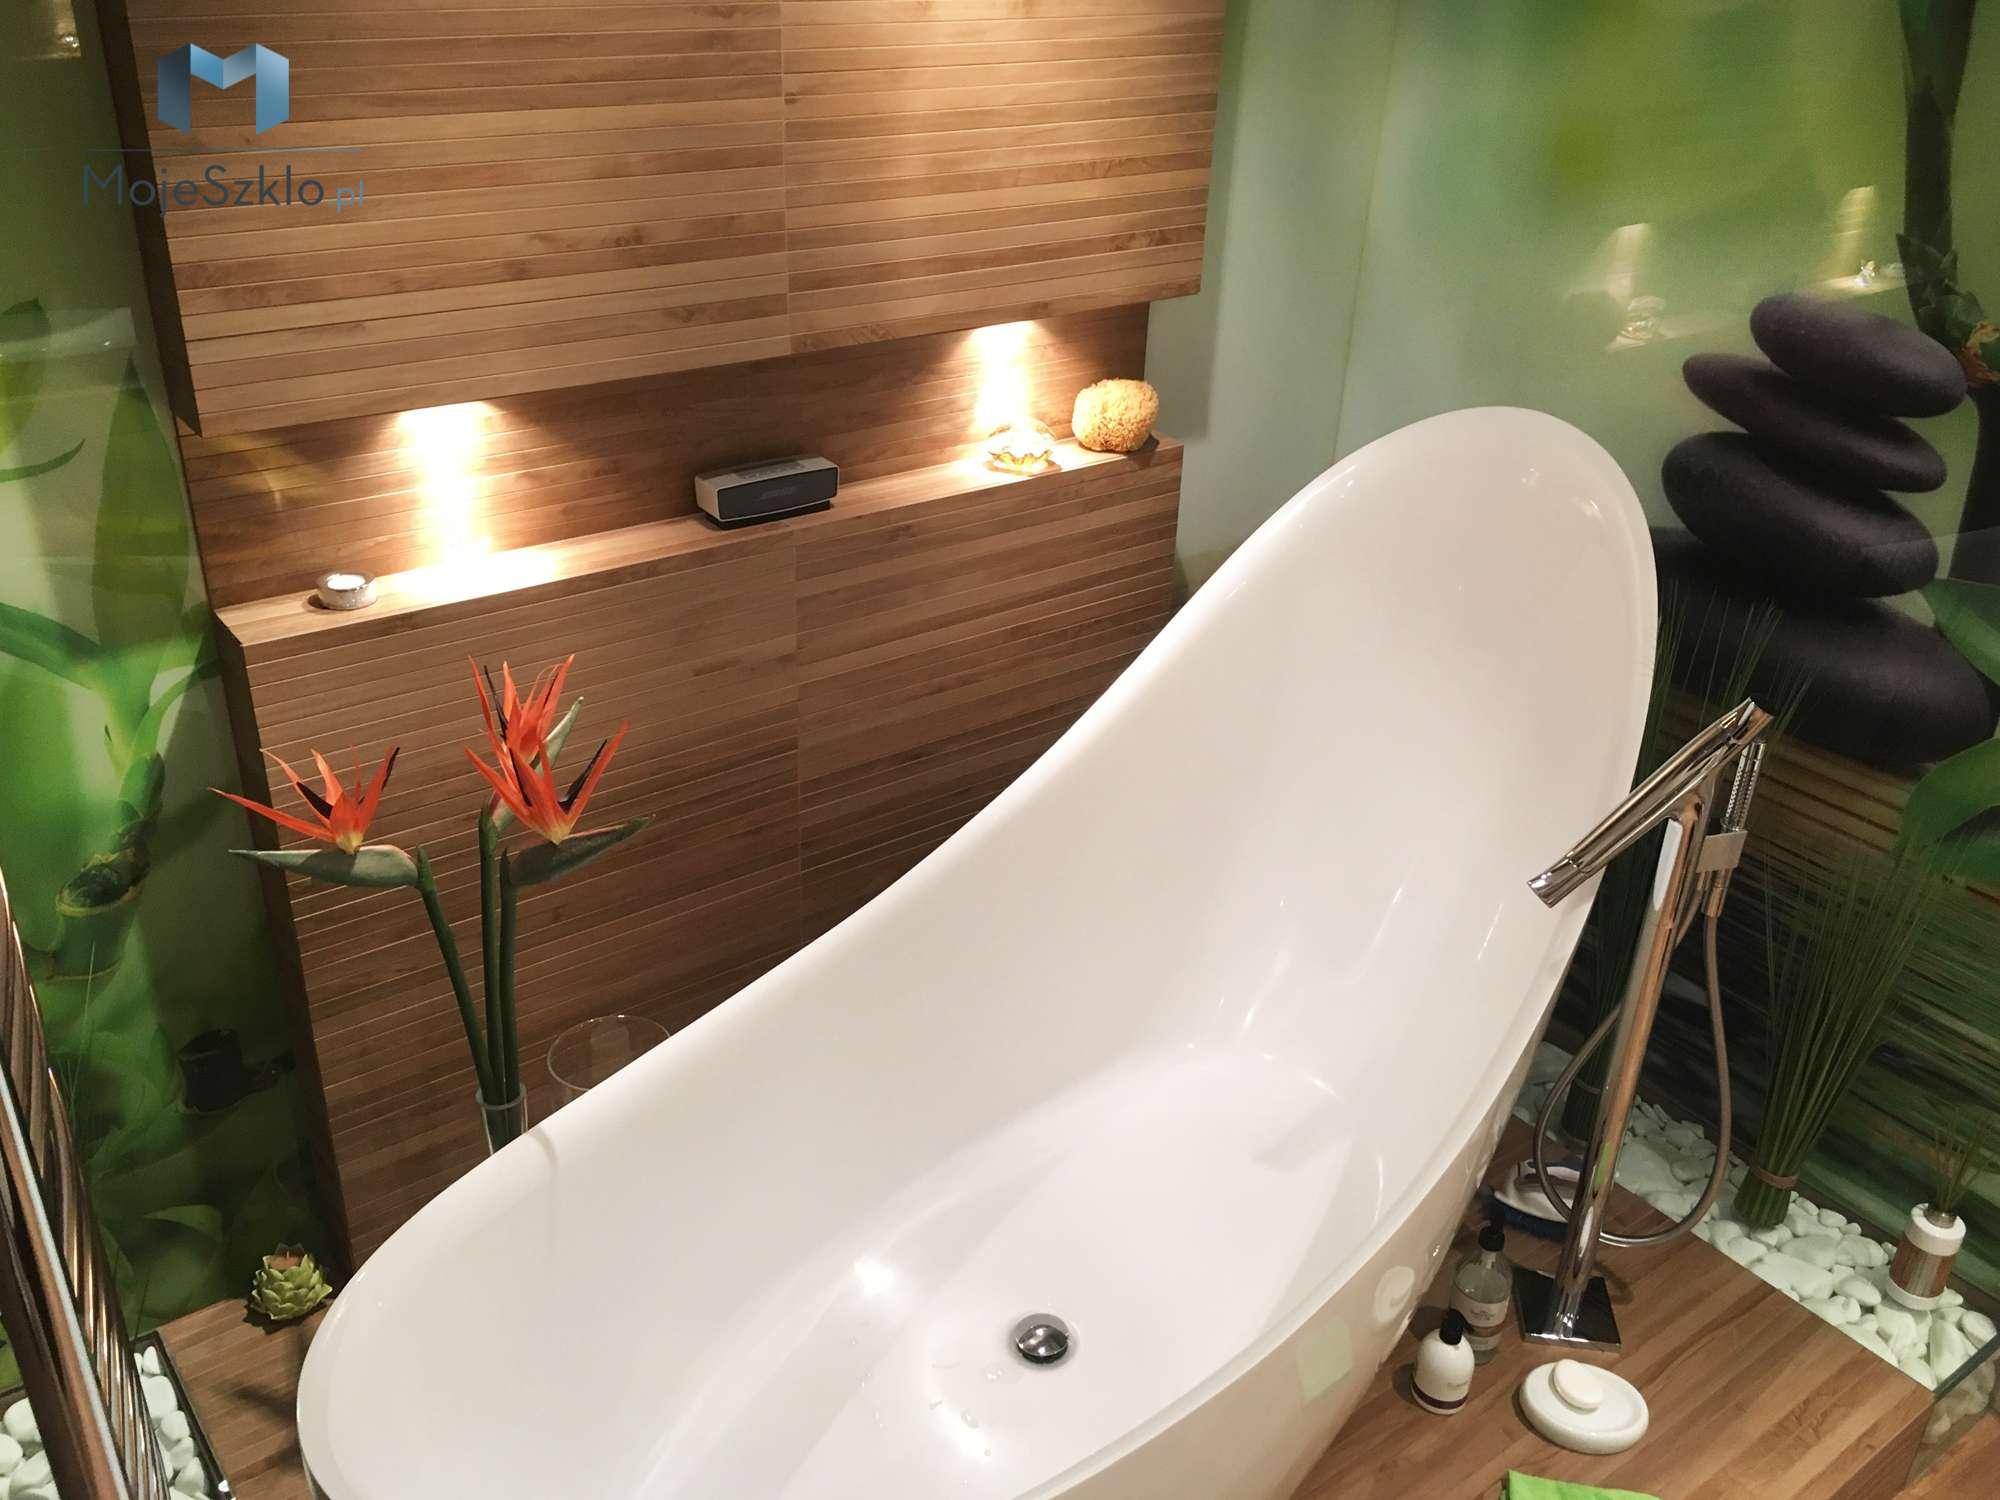 Panel Szklany Lazienka Bambusy - Panele szklane do łazienki na wymiar